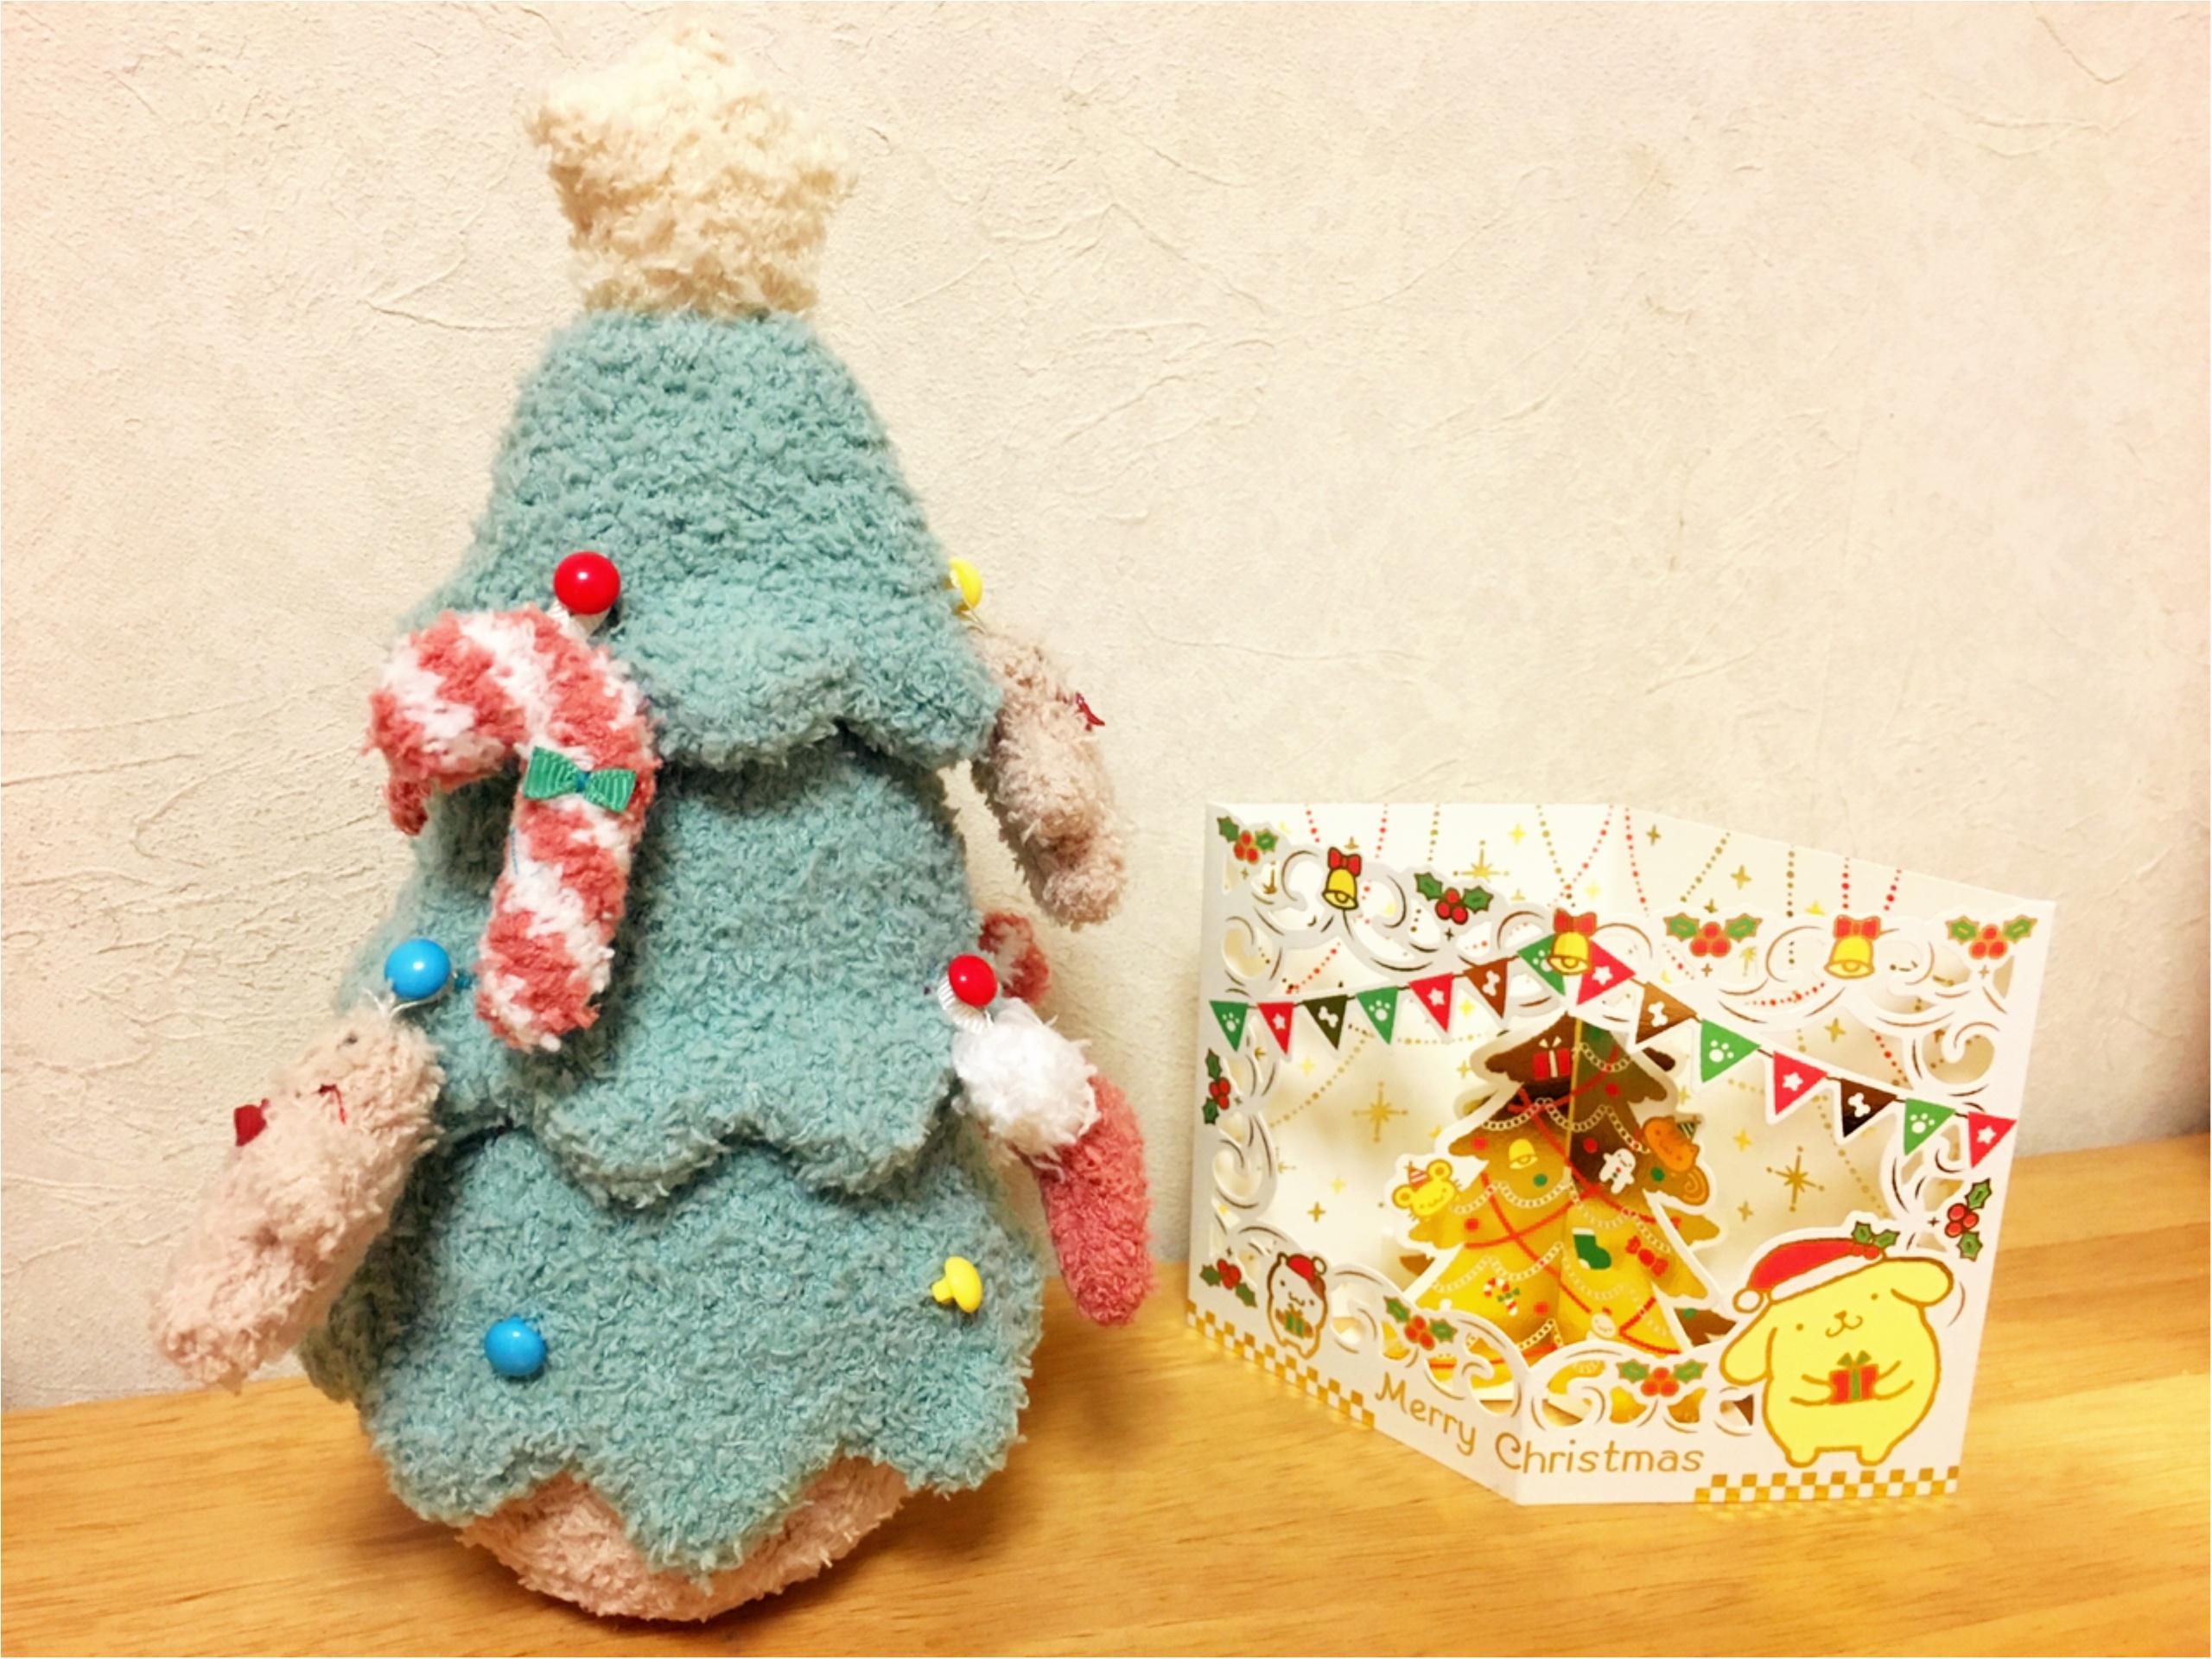 まだ間に合う!女友達向けクリスマスプレゼント♡【予算2,000円程度】_6